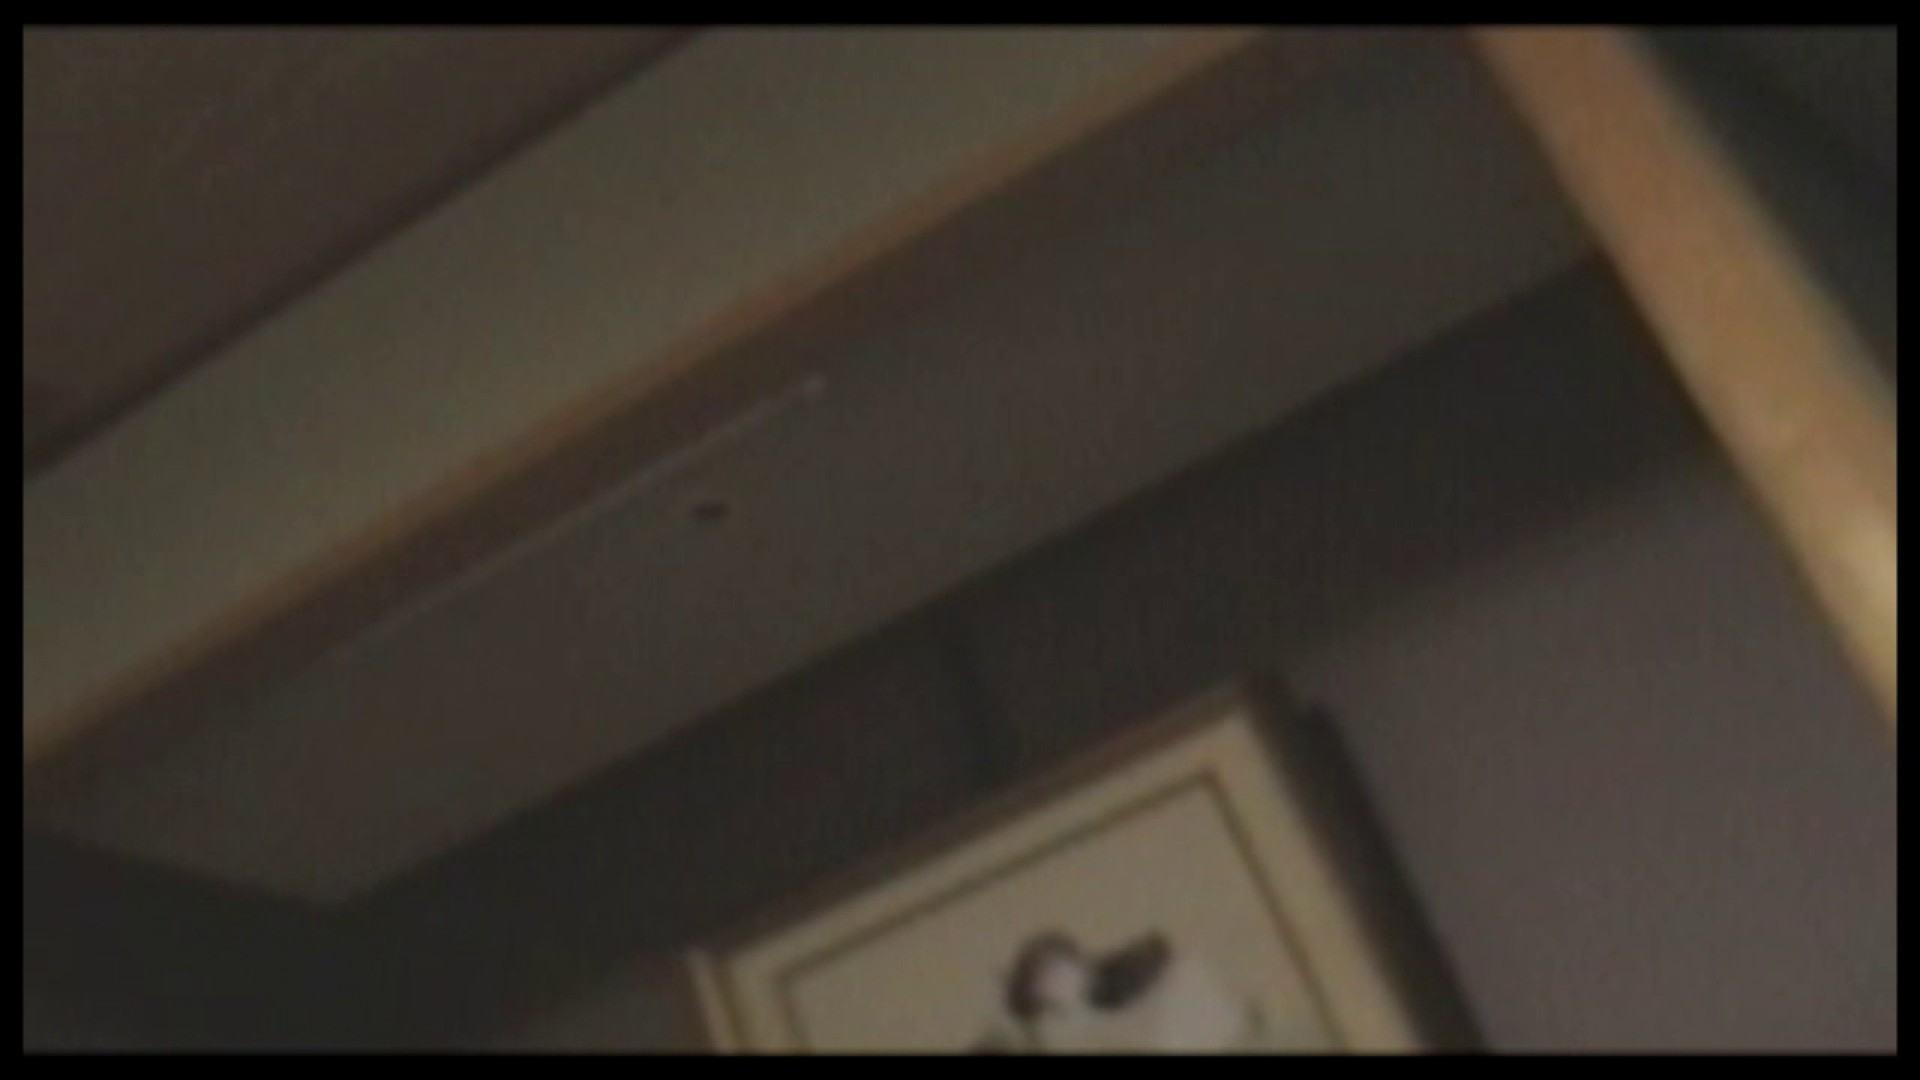 巨乳おまんこ:【限定】 闇の花道 Vol.19 影対某芸能関係者:怪盗ジョーカー